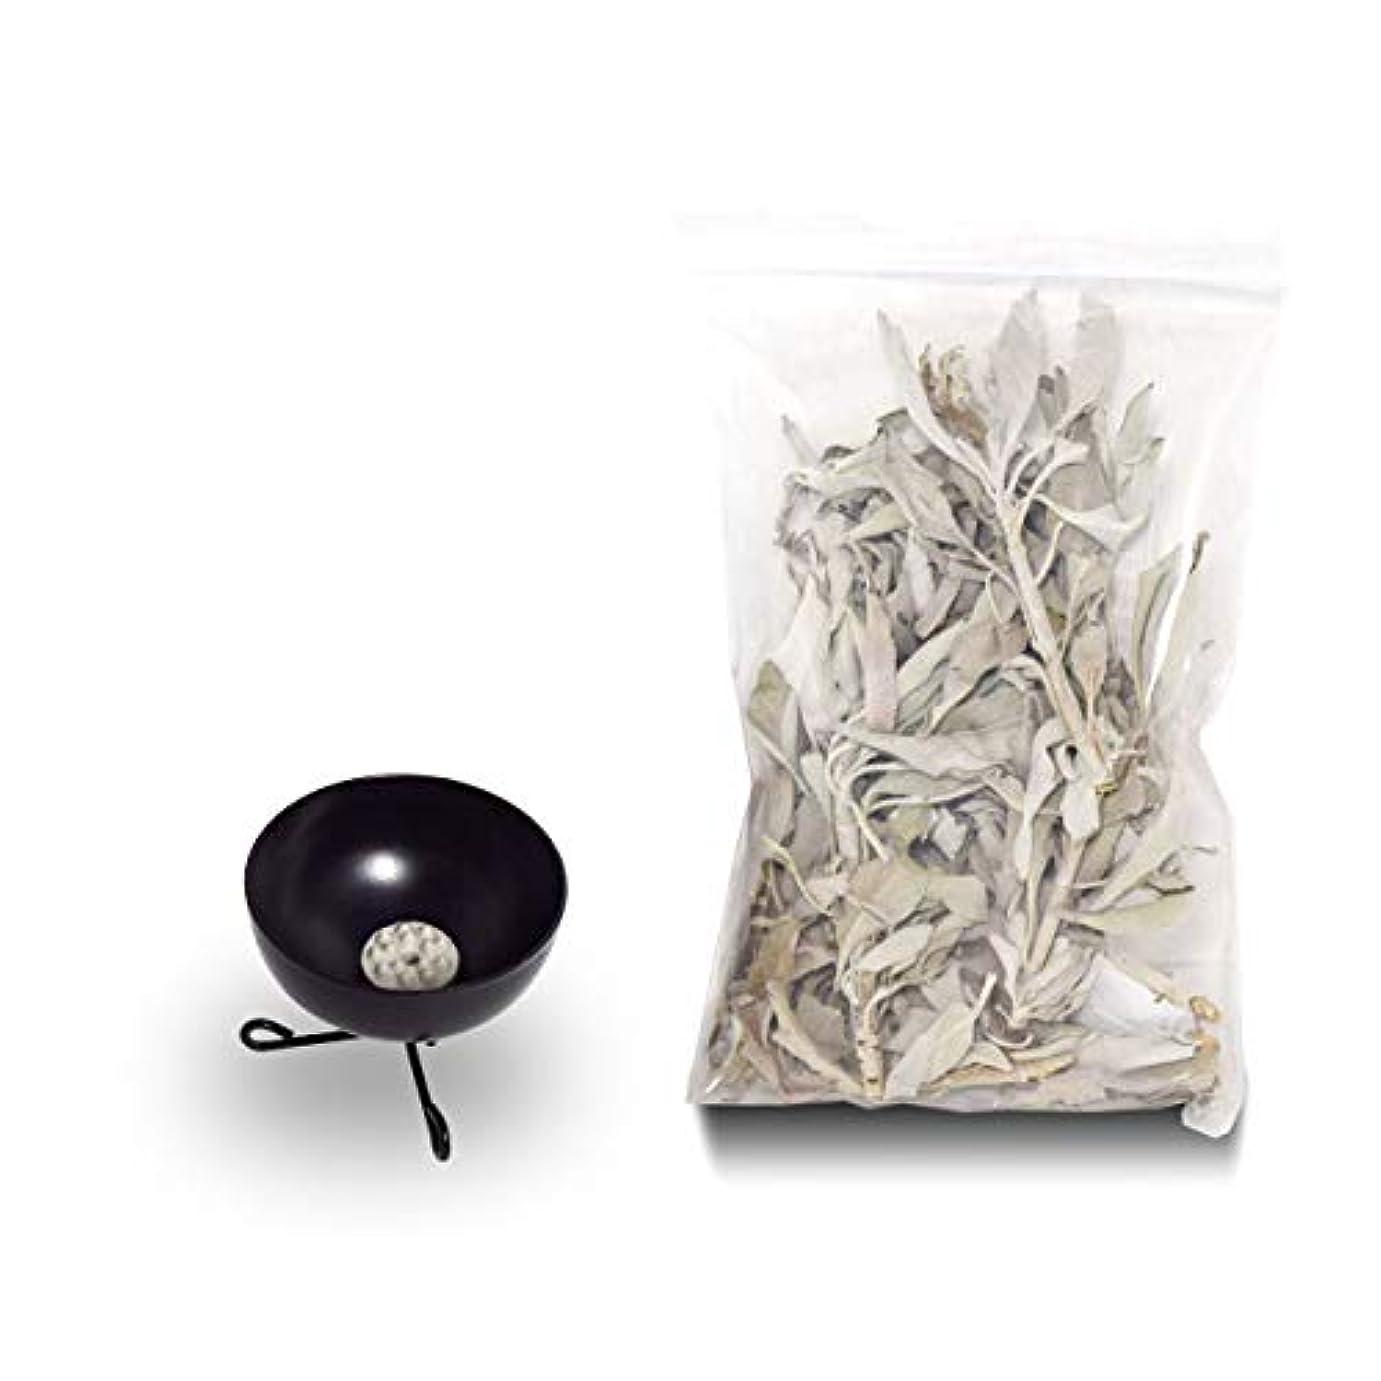 定期的吸い込むひねくれたホワイトセージ 30g ミニ鉄製香炉 セット パワーストーン 浄化 お香 インセンス